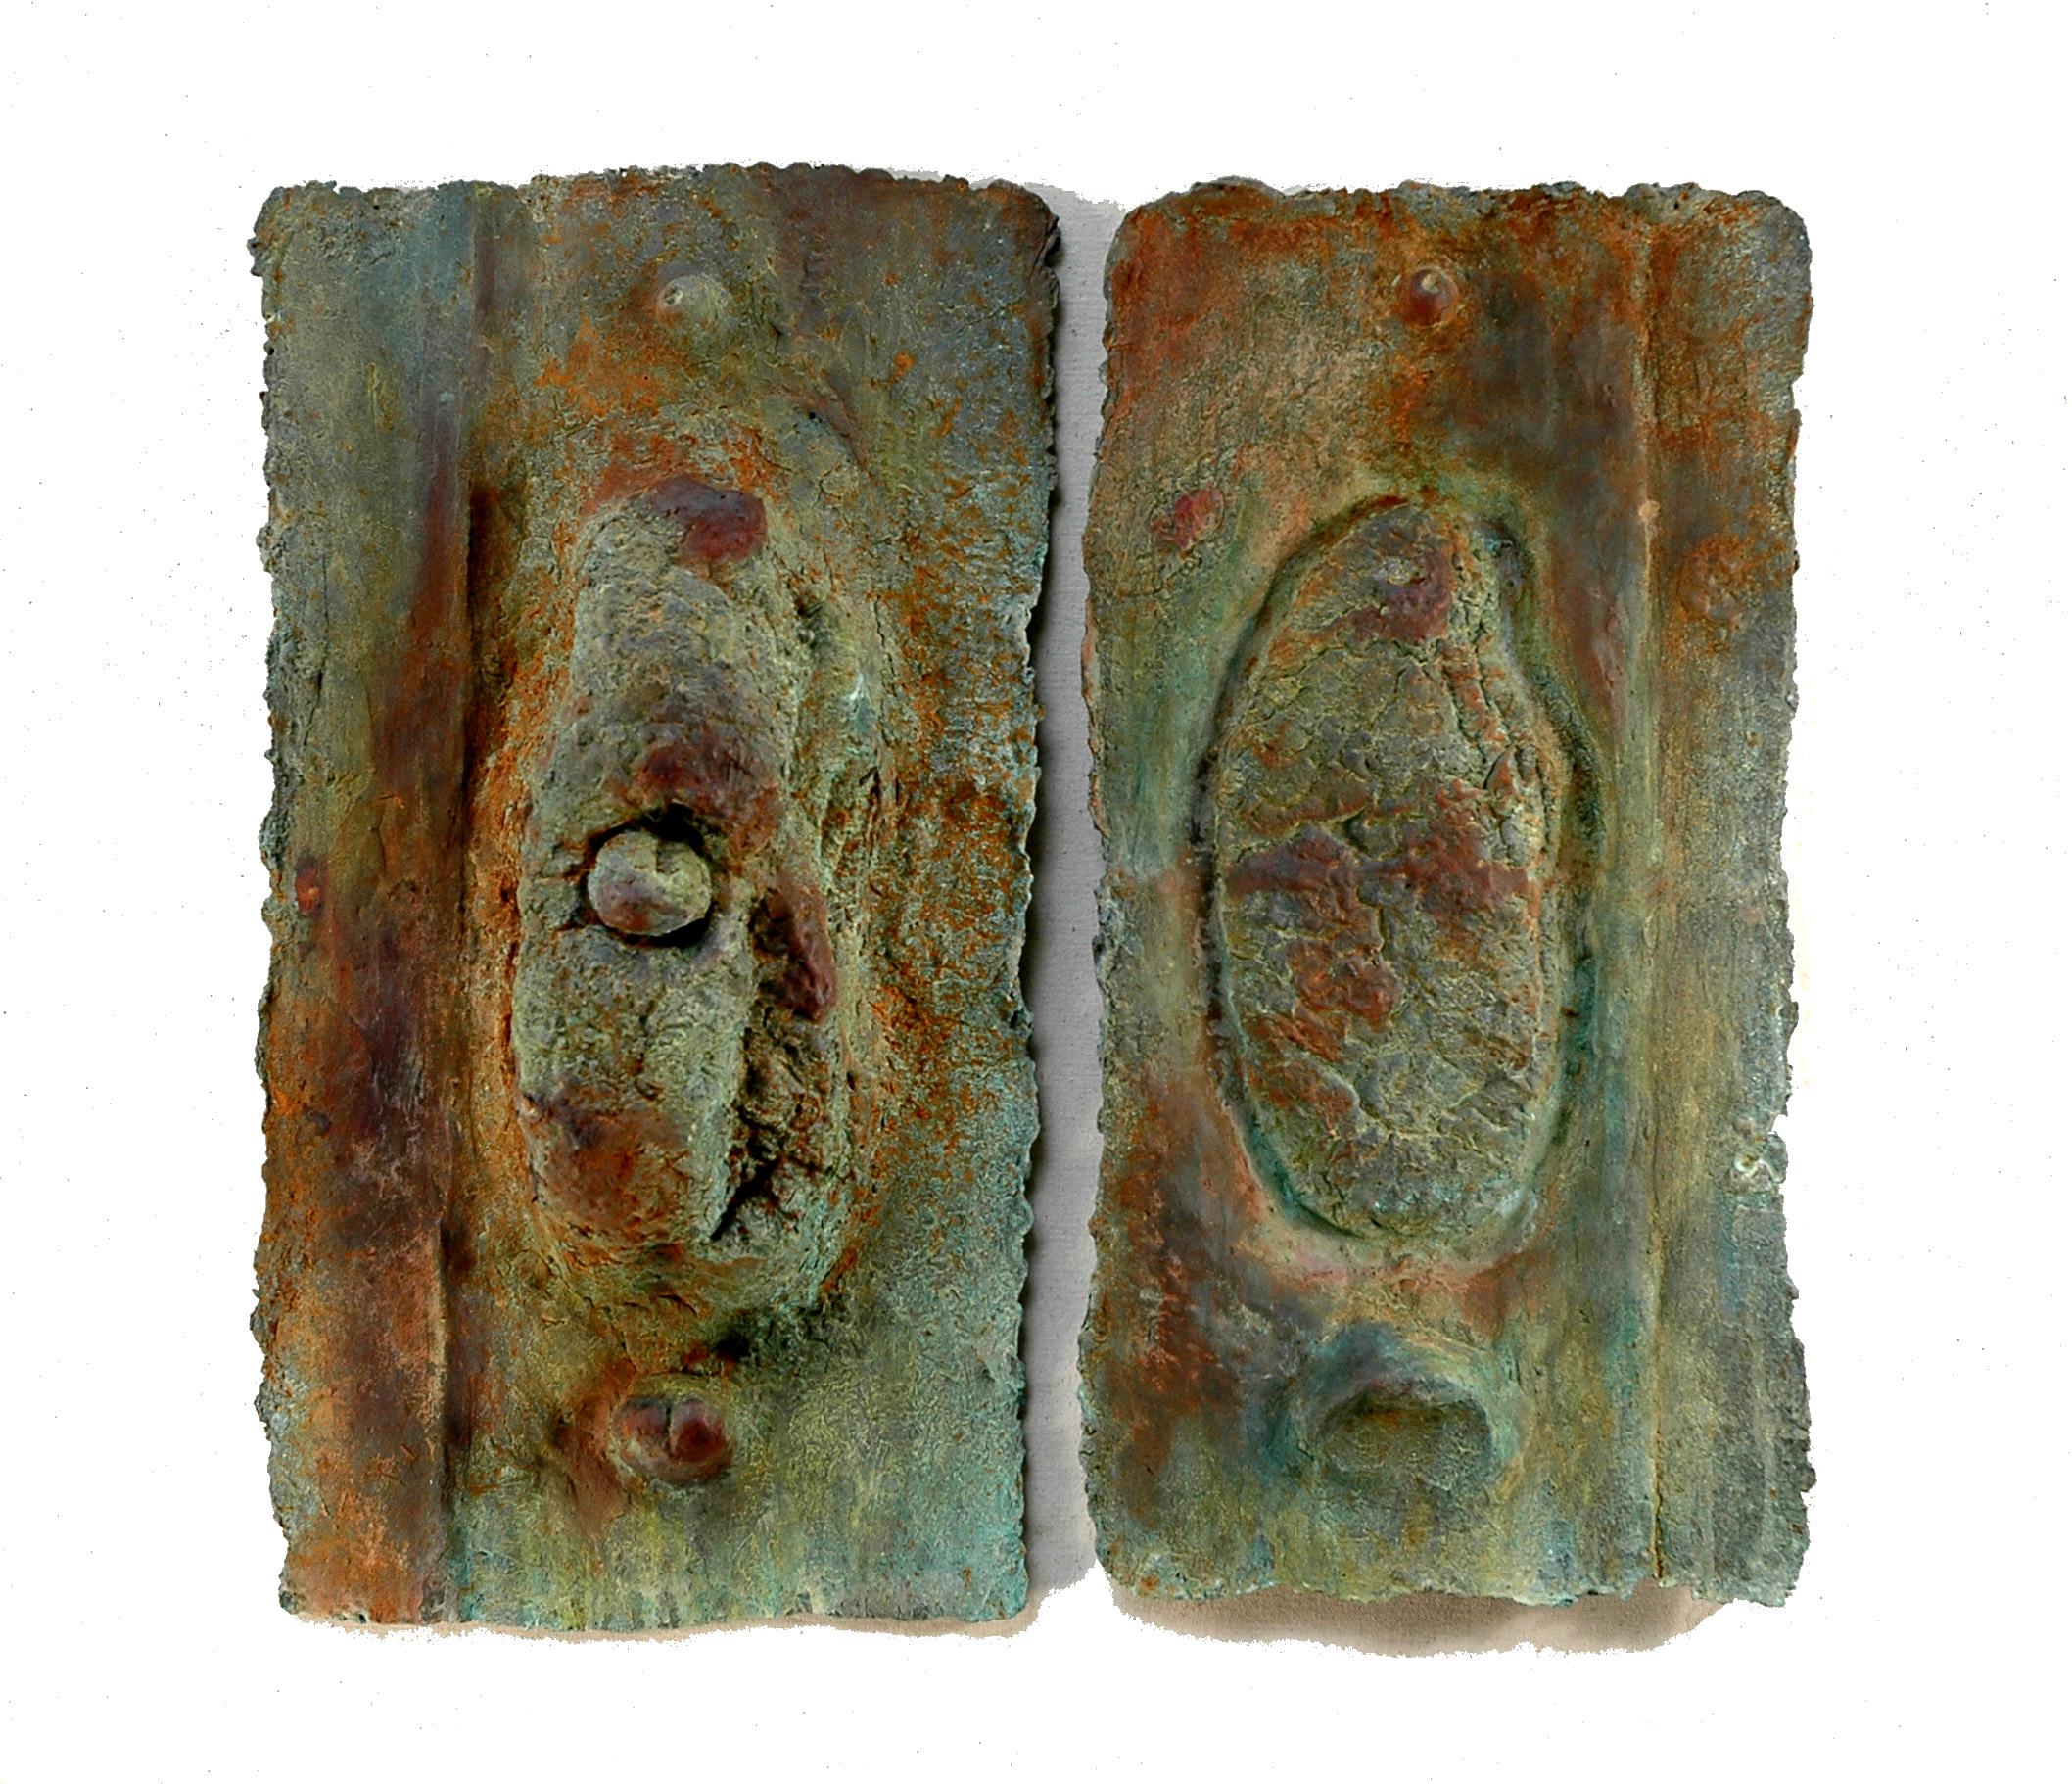 Bread Quilt (Verticals), 2006